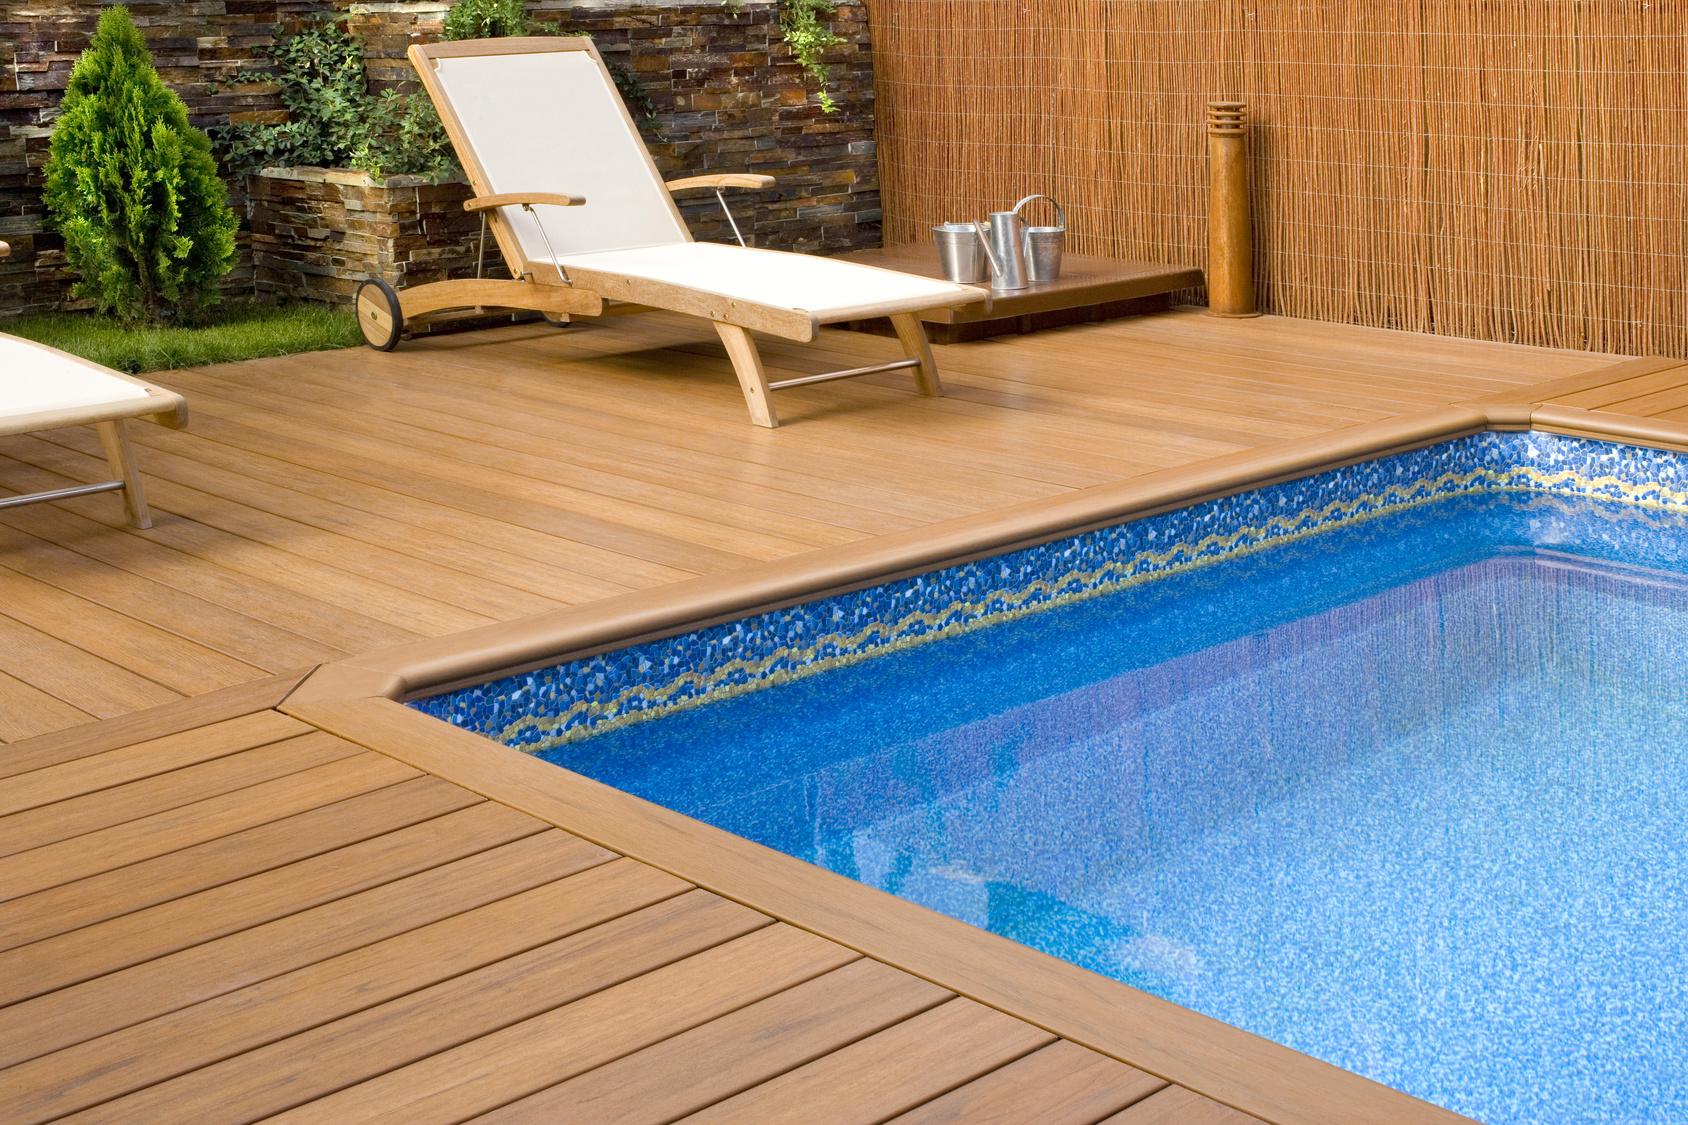 Desinfecci n de piscinas la importancia del cido for Nivel de cloro en piscinas